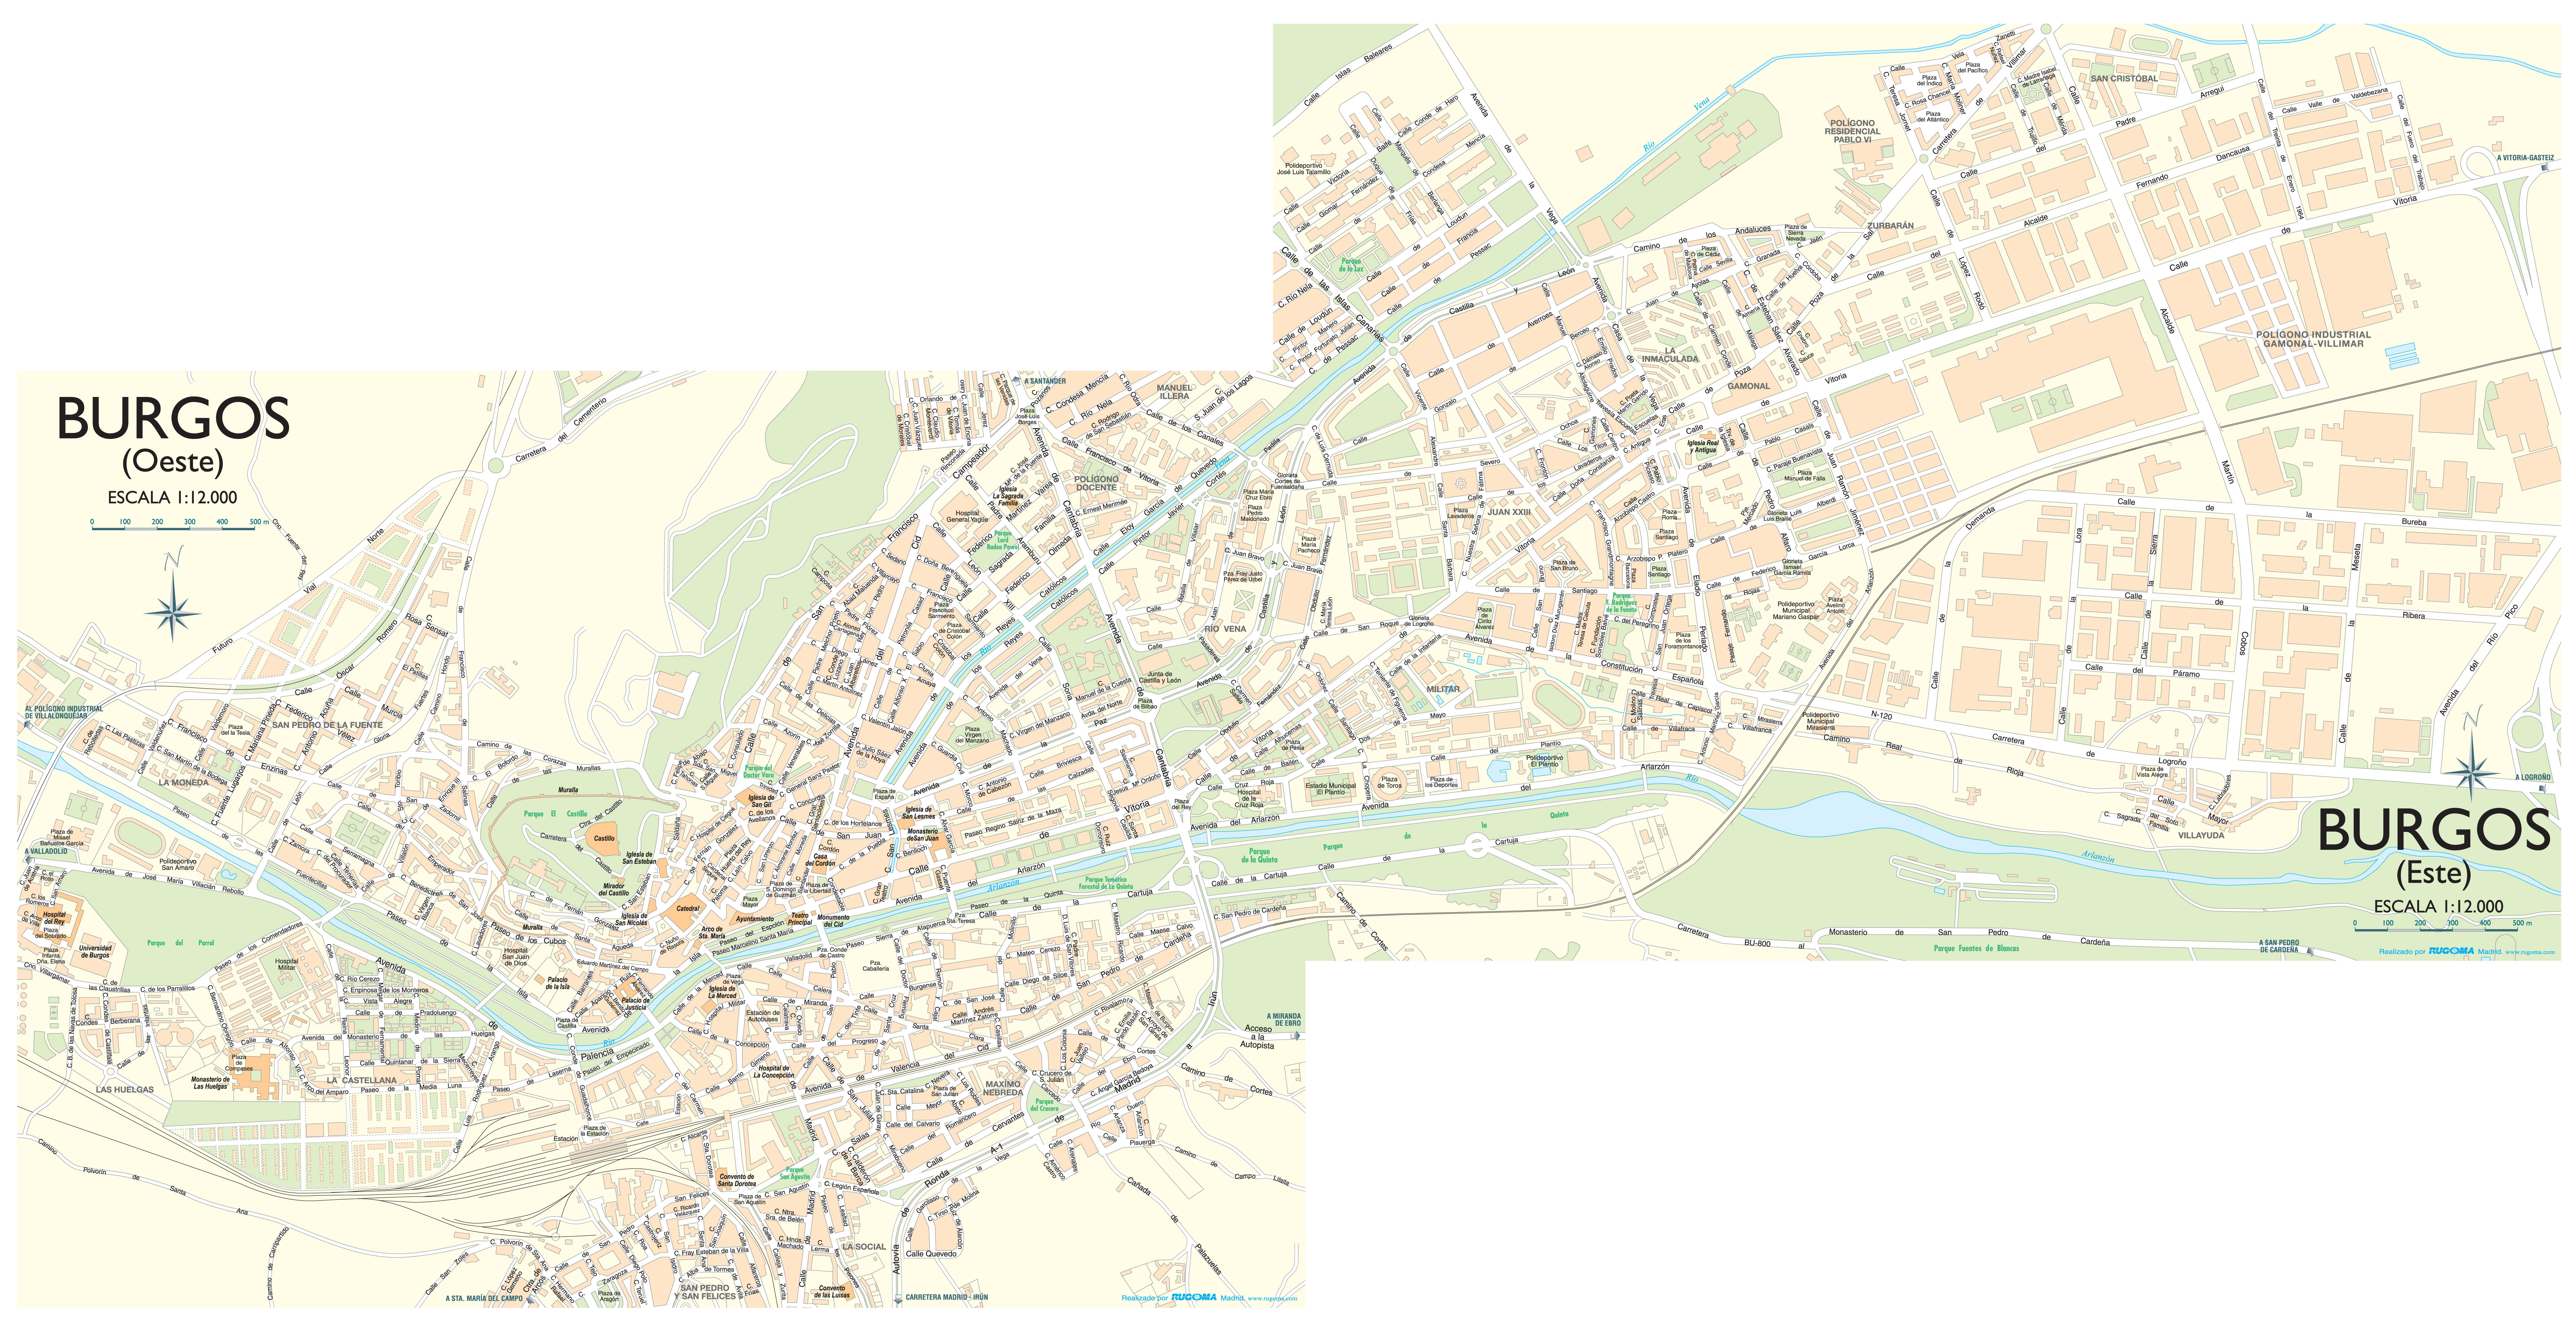 Mapa de Burgos